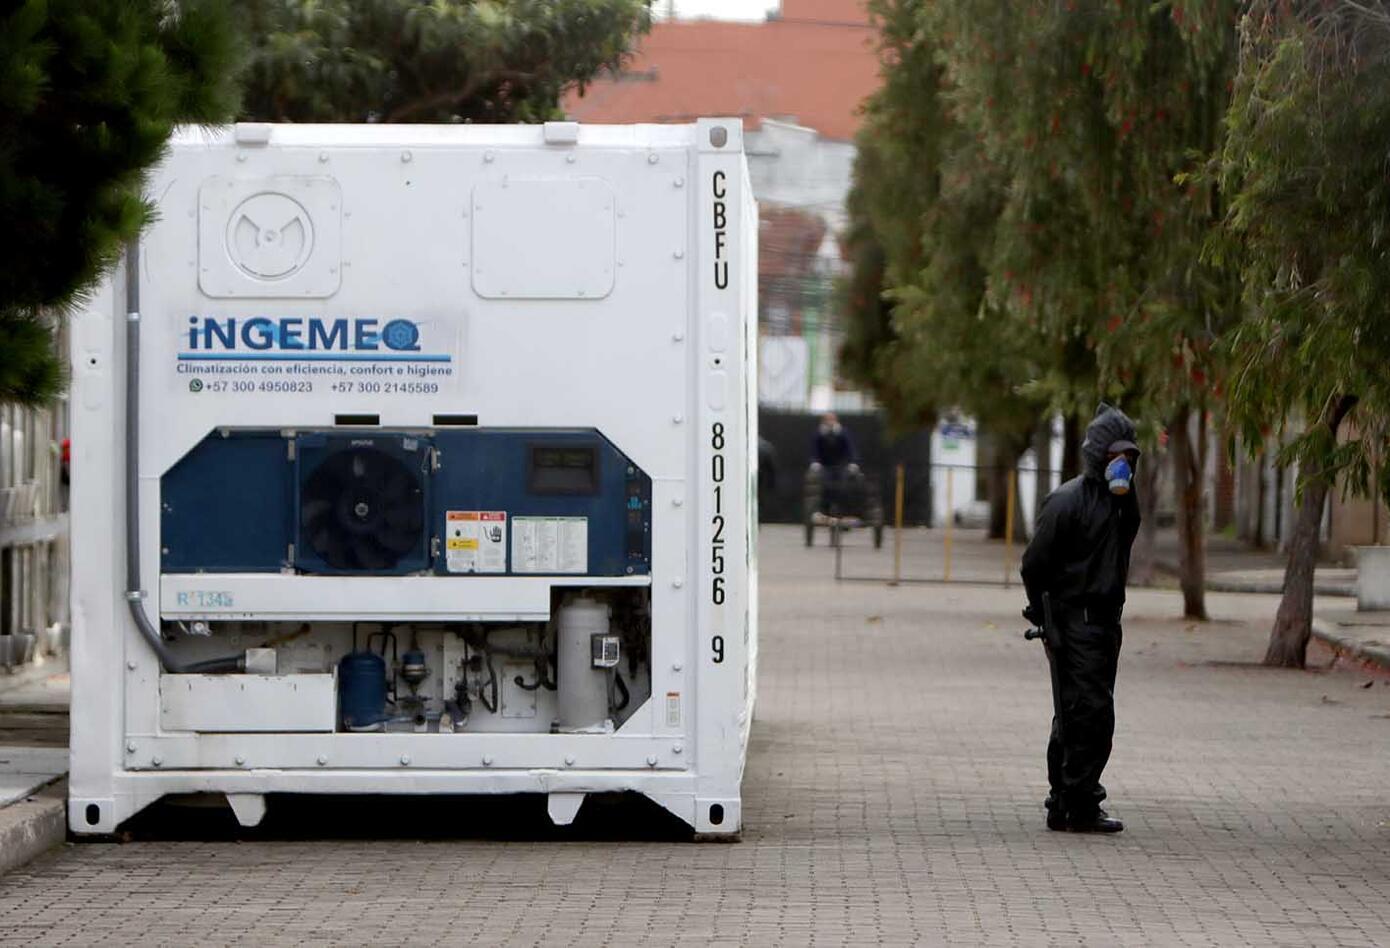 Contenedores para cadáveres en Bogotá / Cementerios de Bogotá en crisis por pandemia